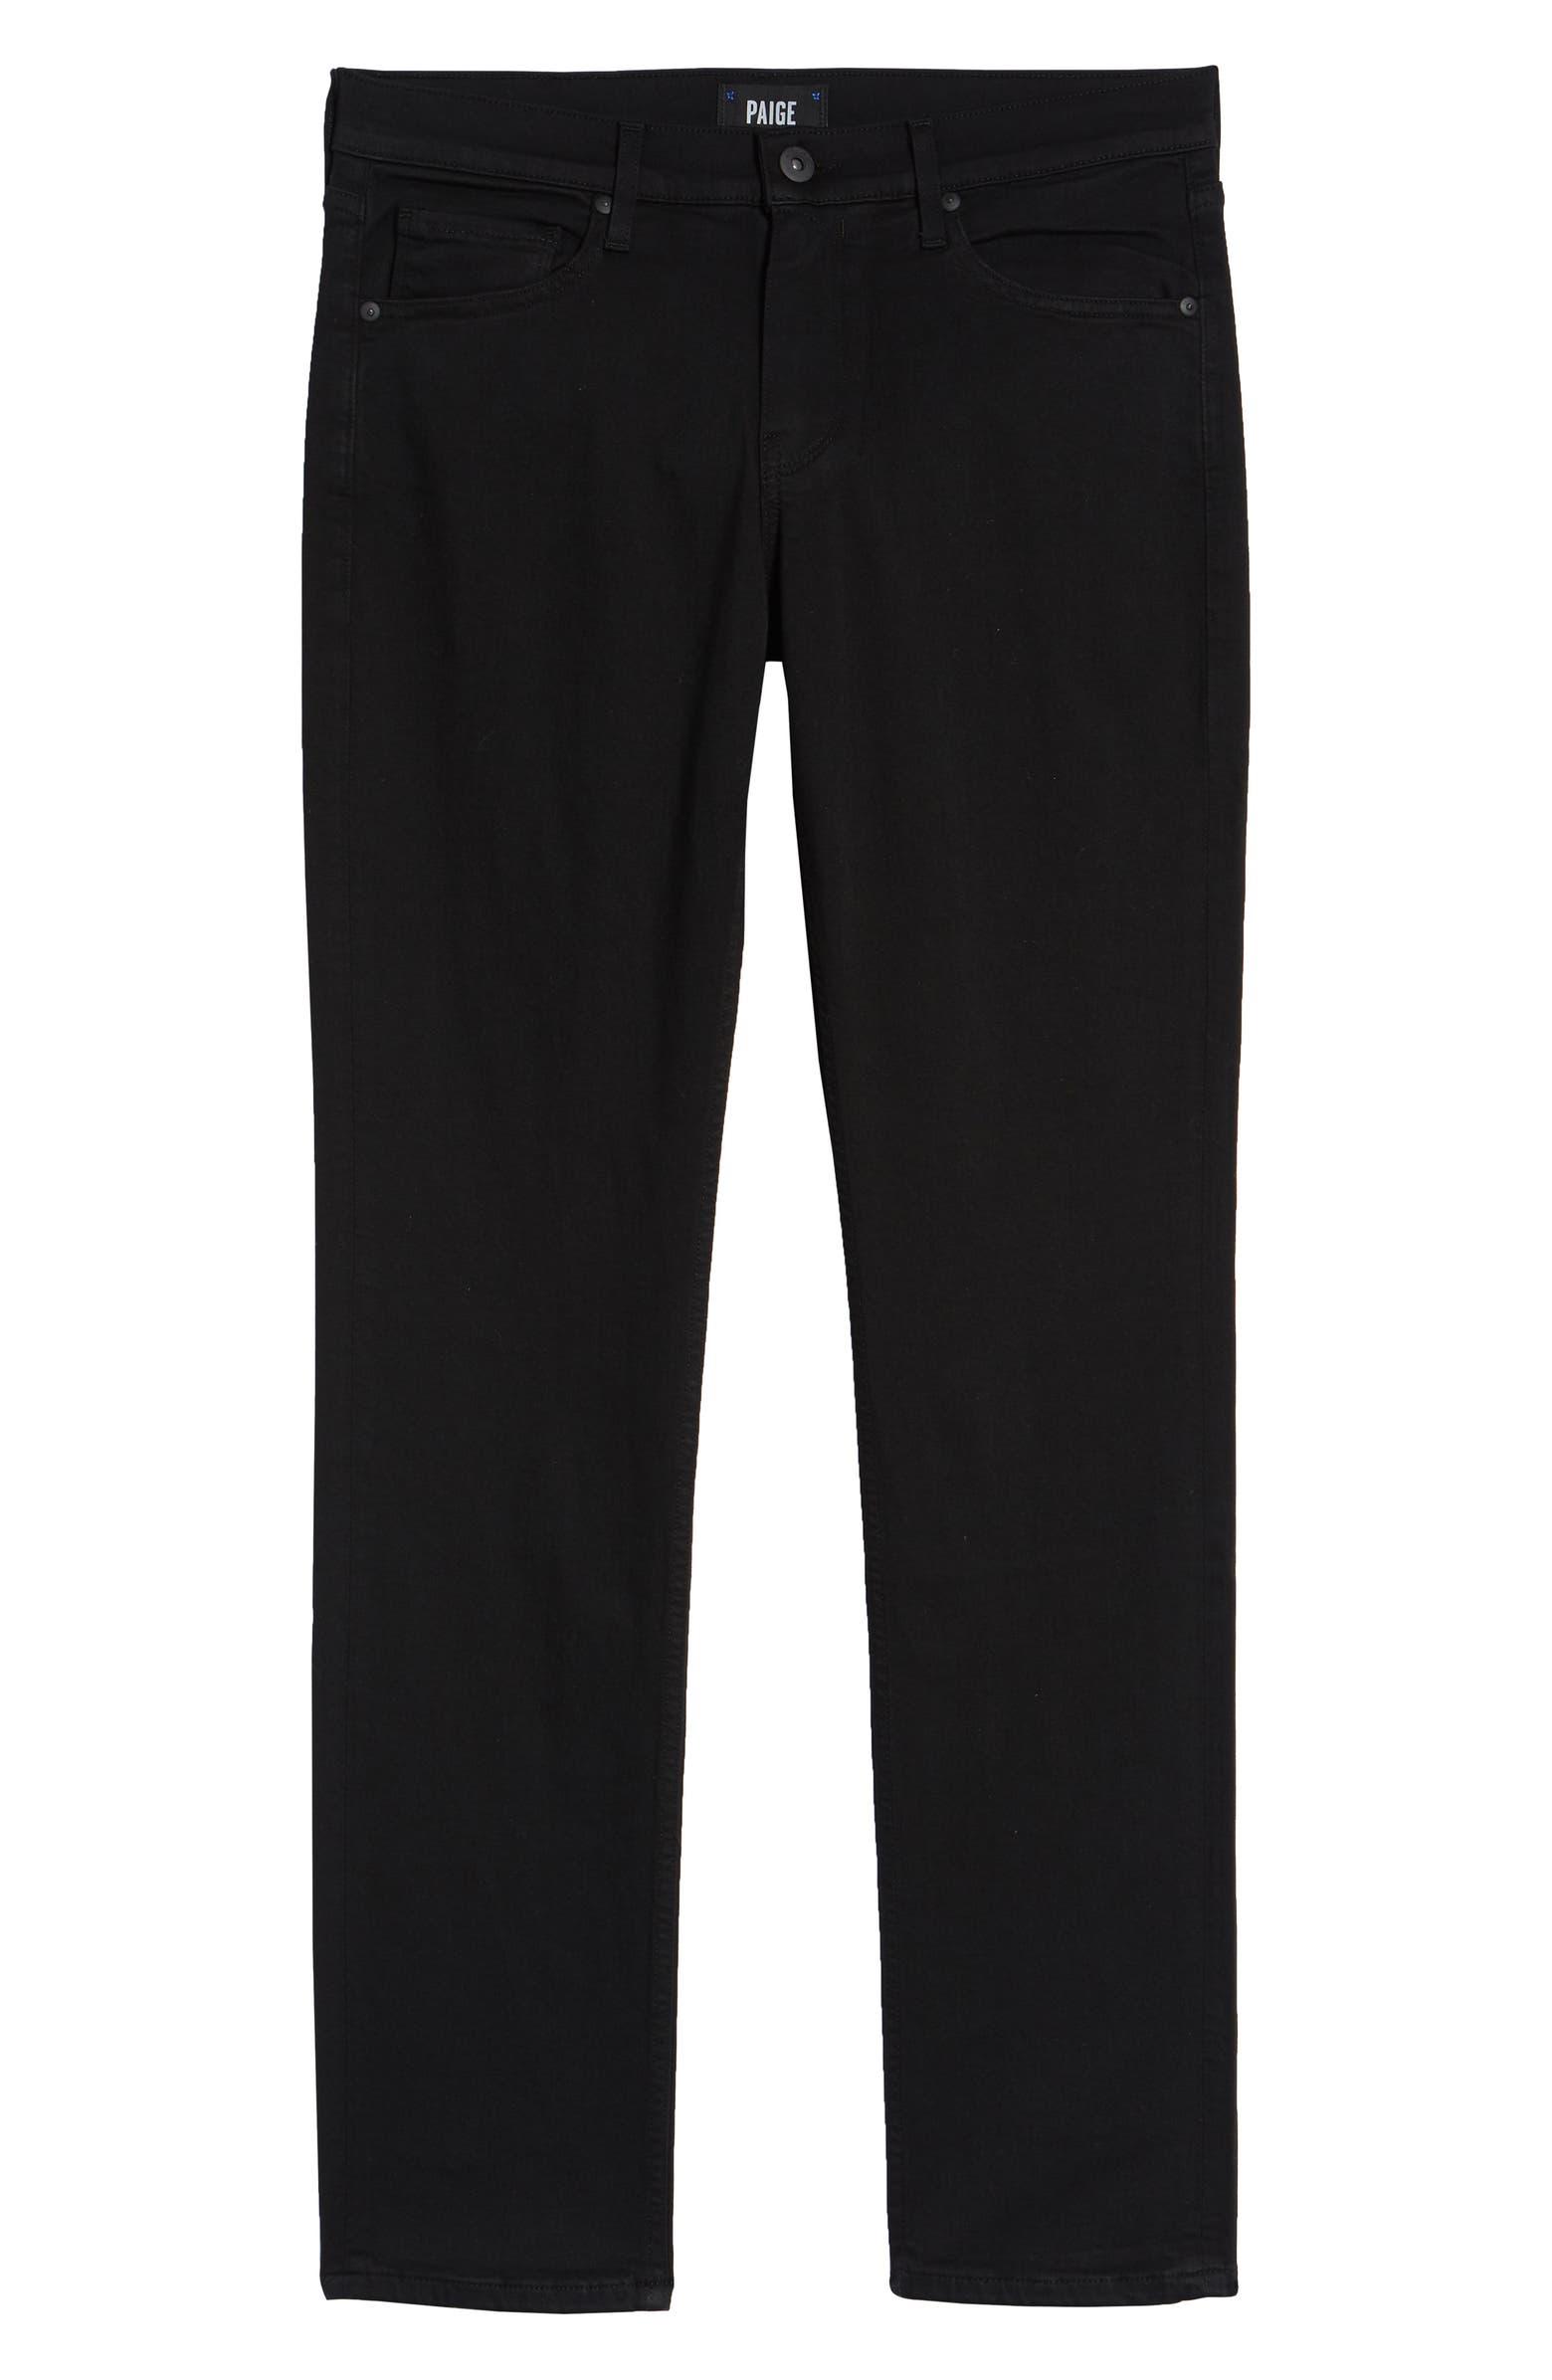 Transcend – Lennox Slim Fit Jeans PAIGE